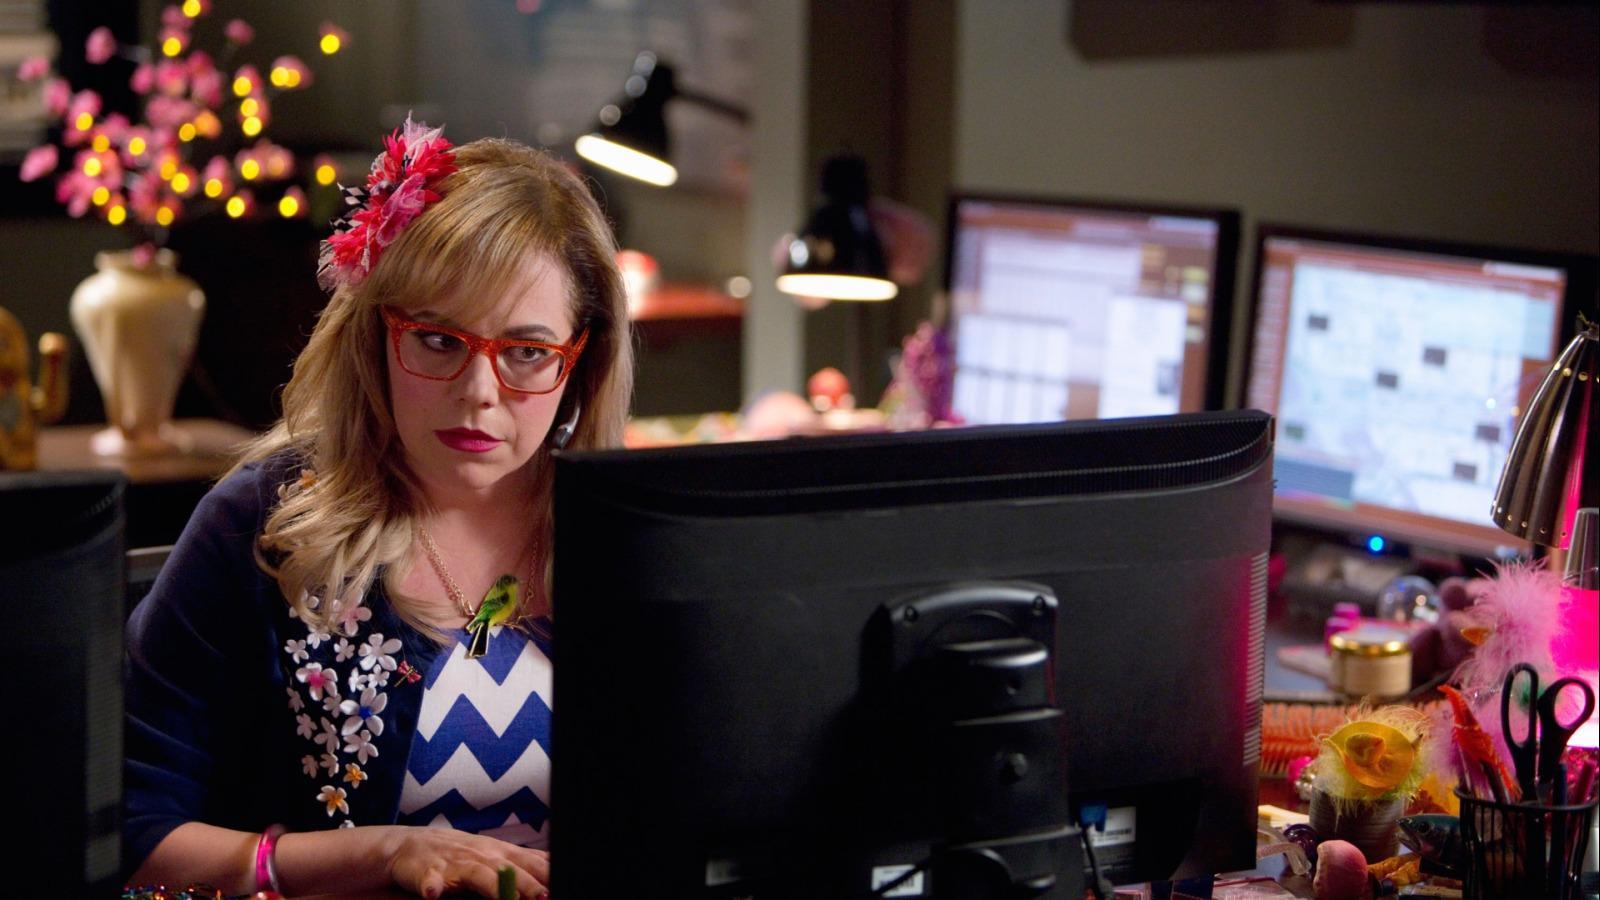 """Penelope Garcia pojawiła się w obsadzie """"Zabójczych umysłów"""" już na samym początku i szybko stała się jedną z najbardziej lubianych postaci z całej ekipy. Garcię znamy więc całkiem nieźle, ale co wiemy o grającej ją Kirsten Vangsness? Będziecie zaskoczeni, ile mają ze sobą wspólnego!"""